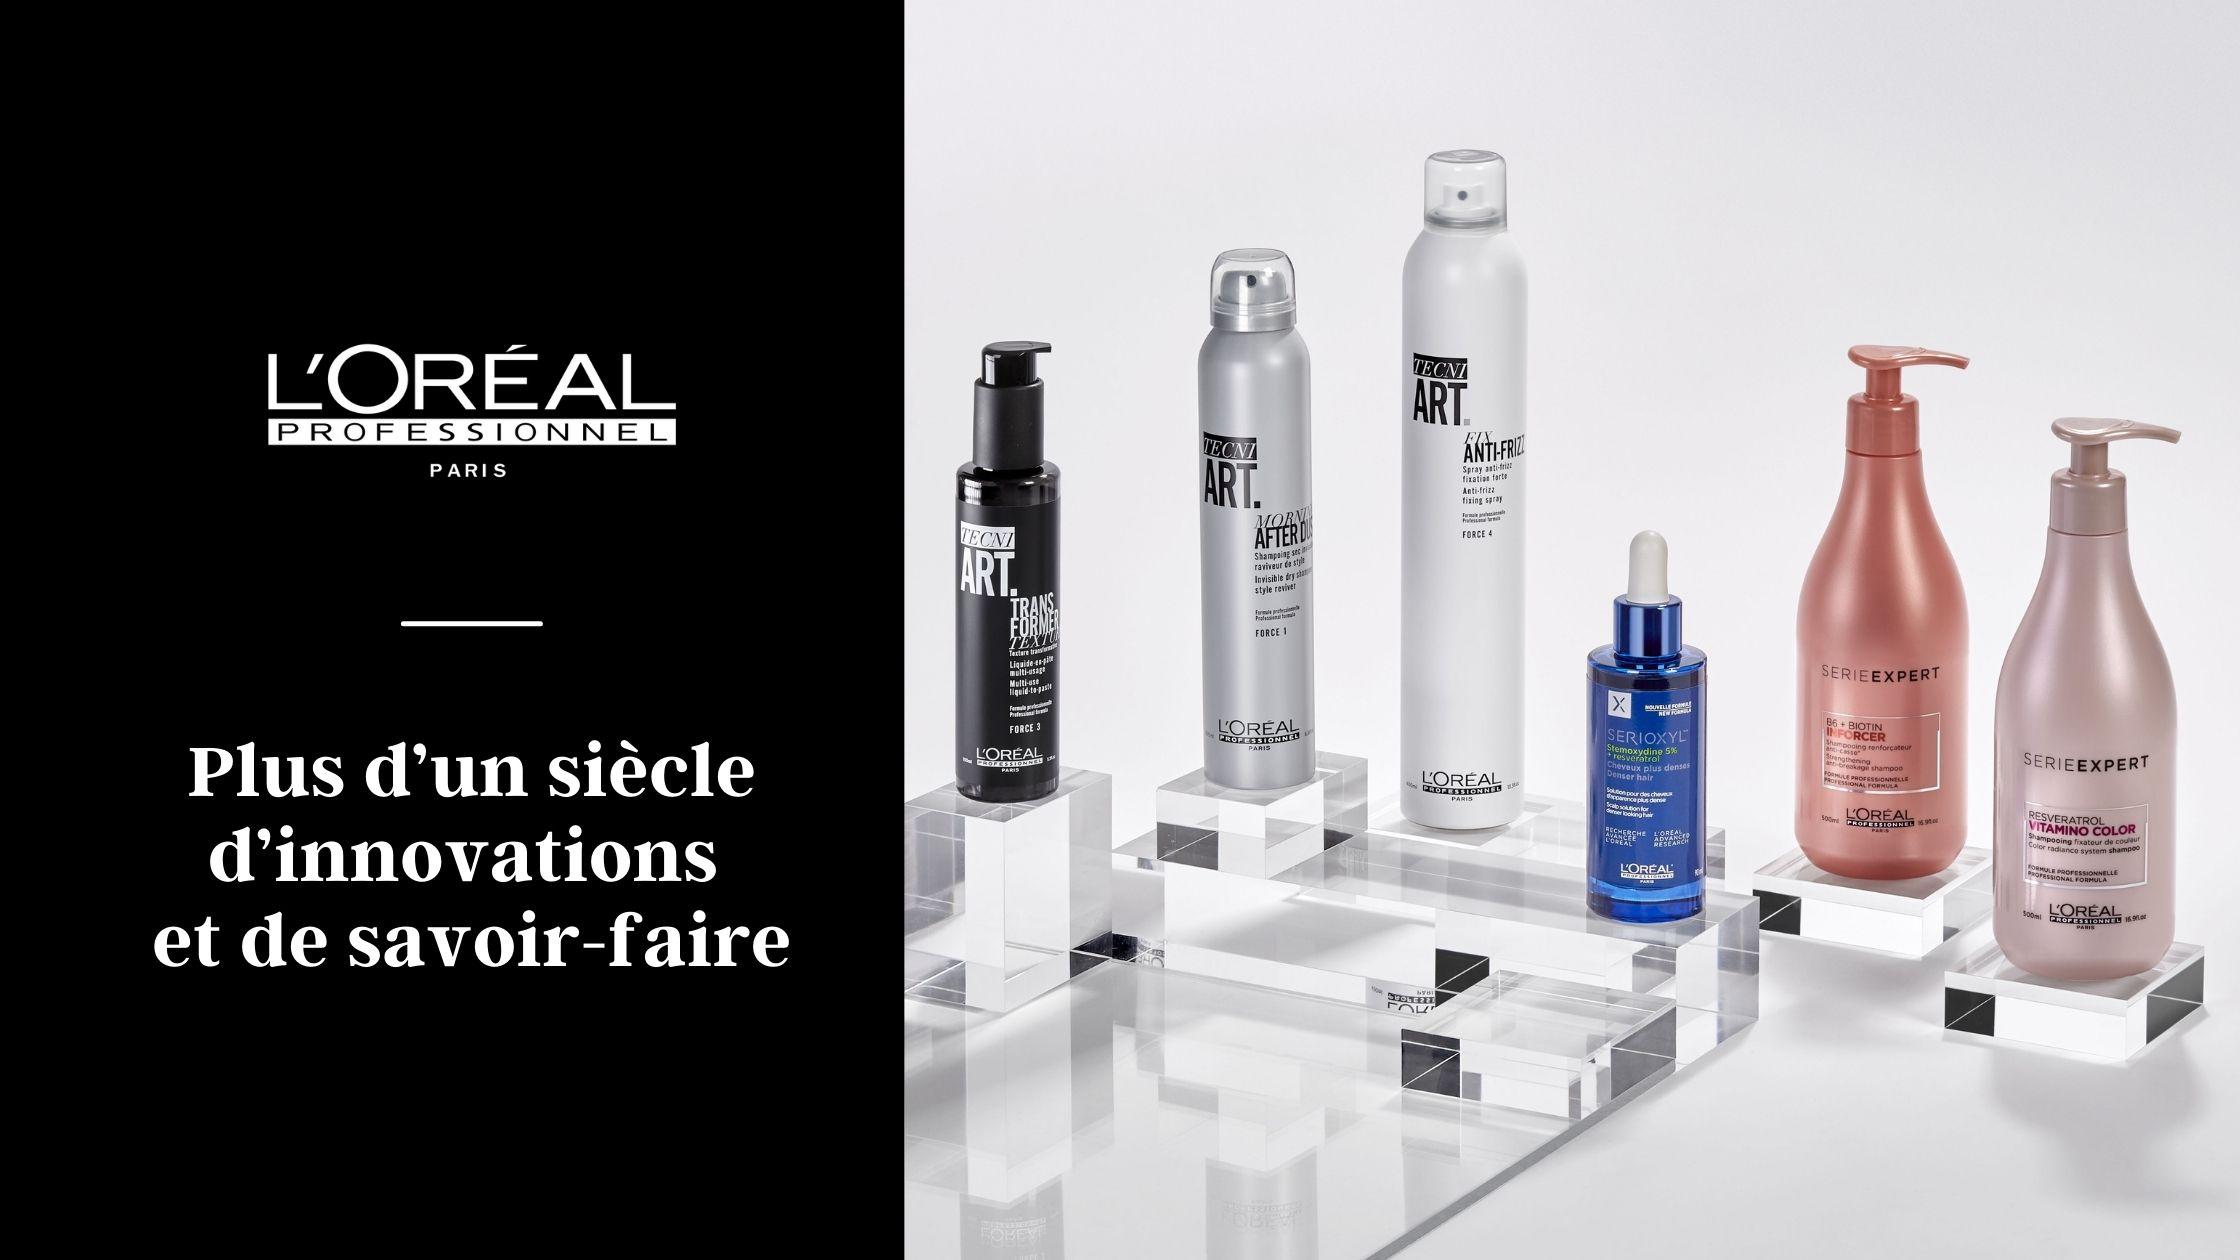 La gamme de produits capillaires L'Oréal Professionnel